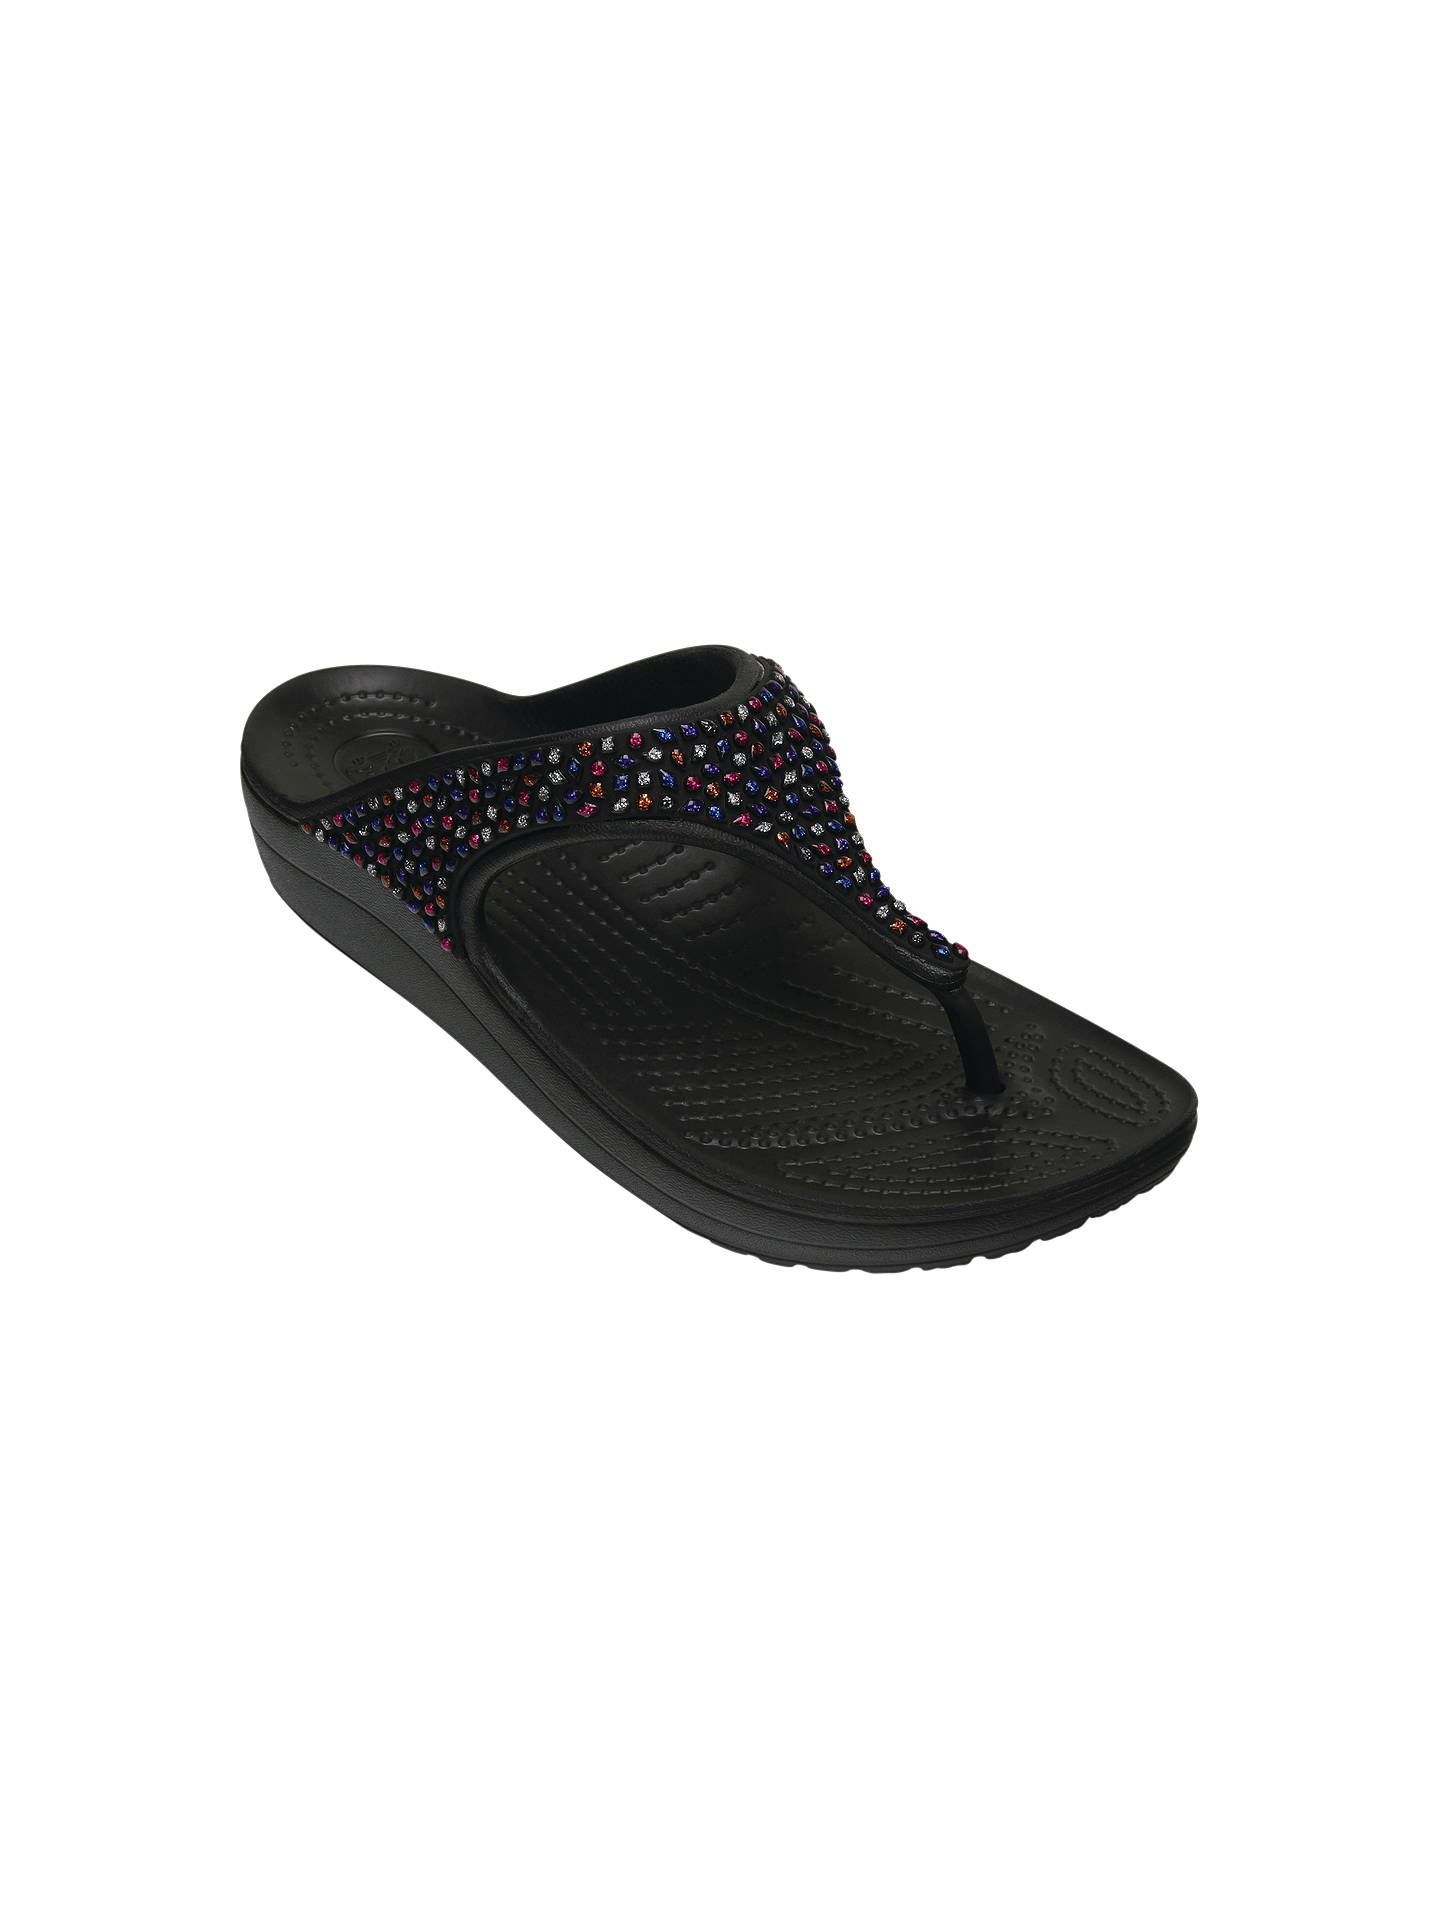 cb6d786a21 Crocs Sloane Embellished Flip Flops at John Lewis   Partners